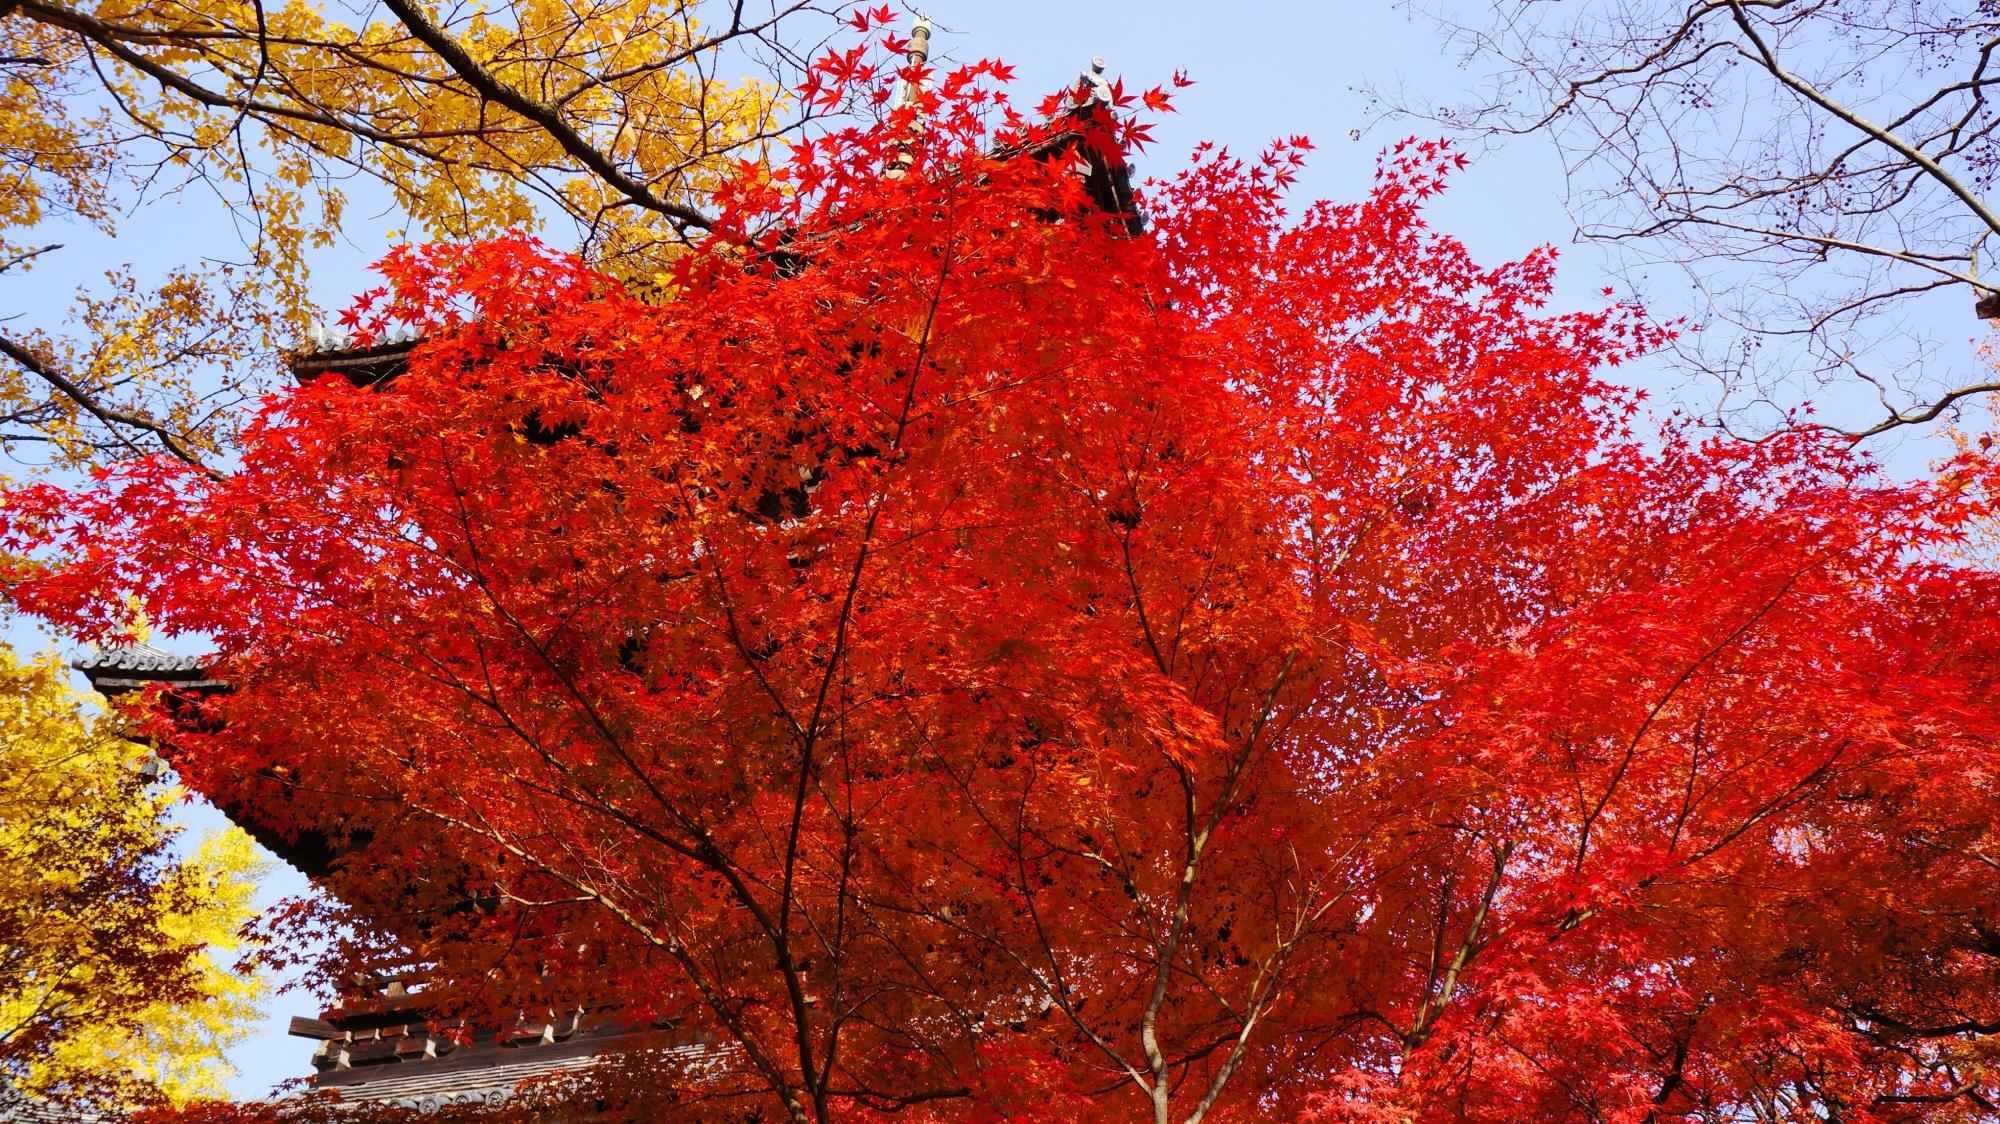 真如堂の素晴らしい秋の彩りと情景